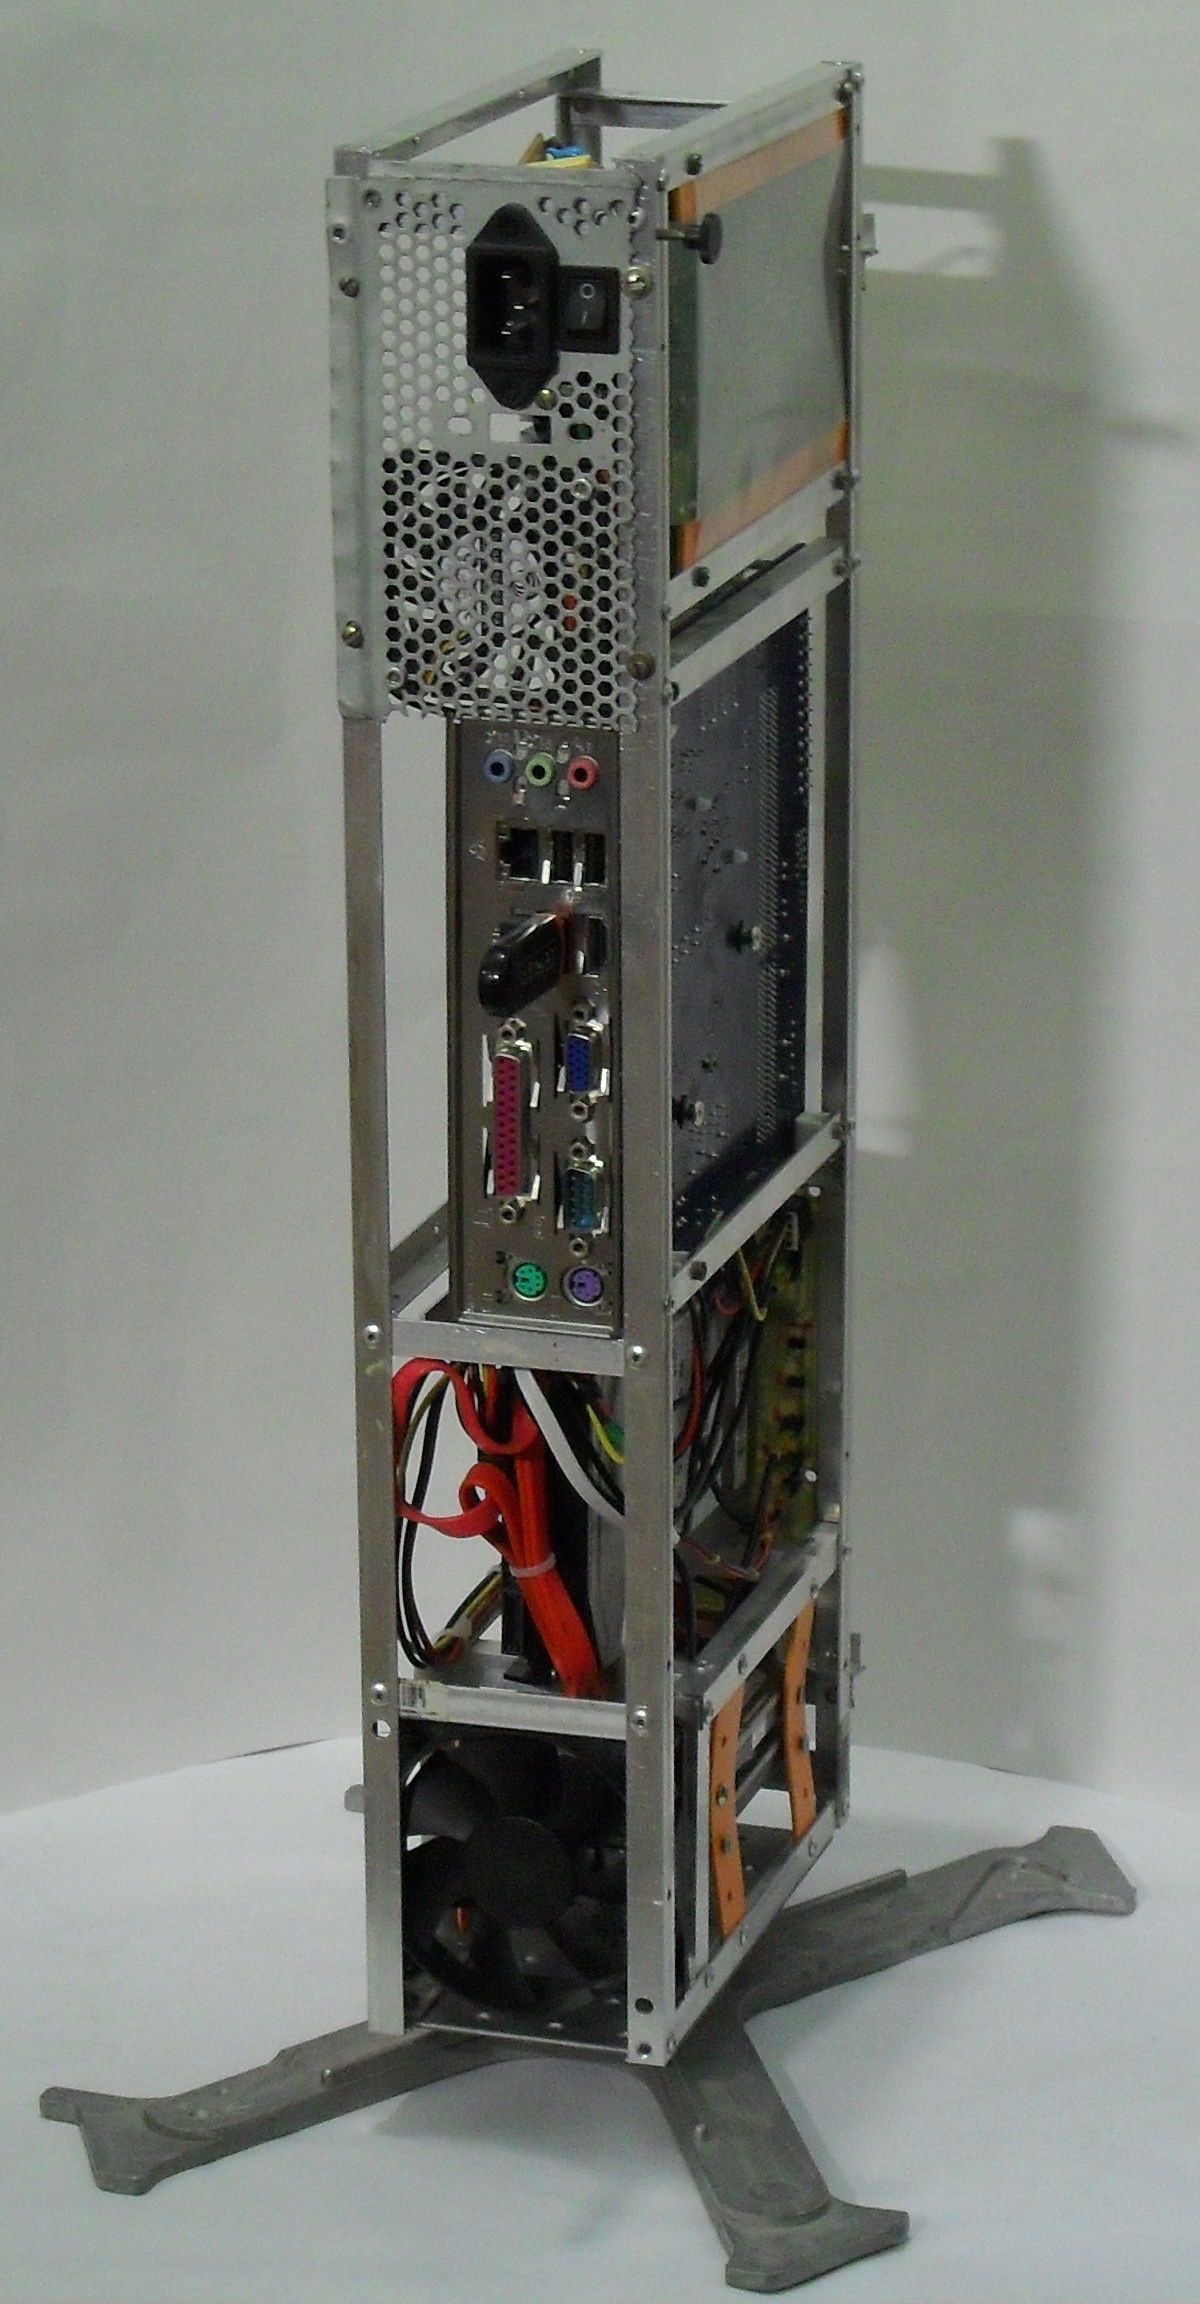 Еще один сервер из подручных средств с претензией на красоту - 39